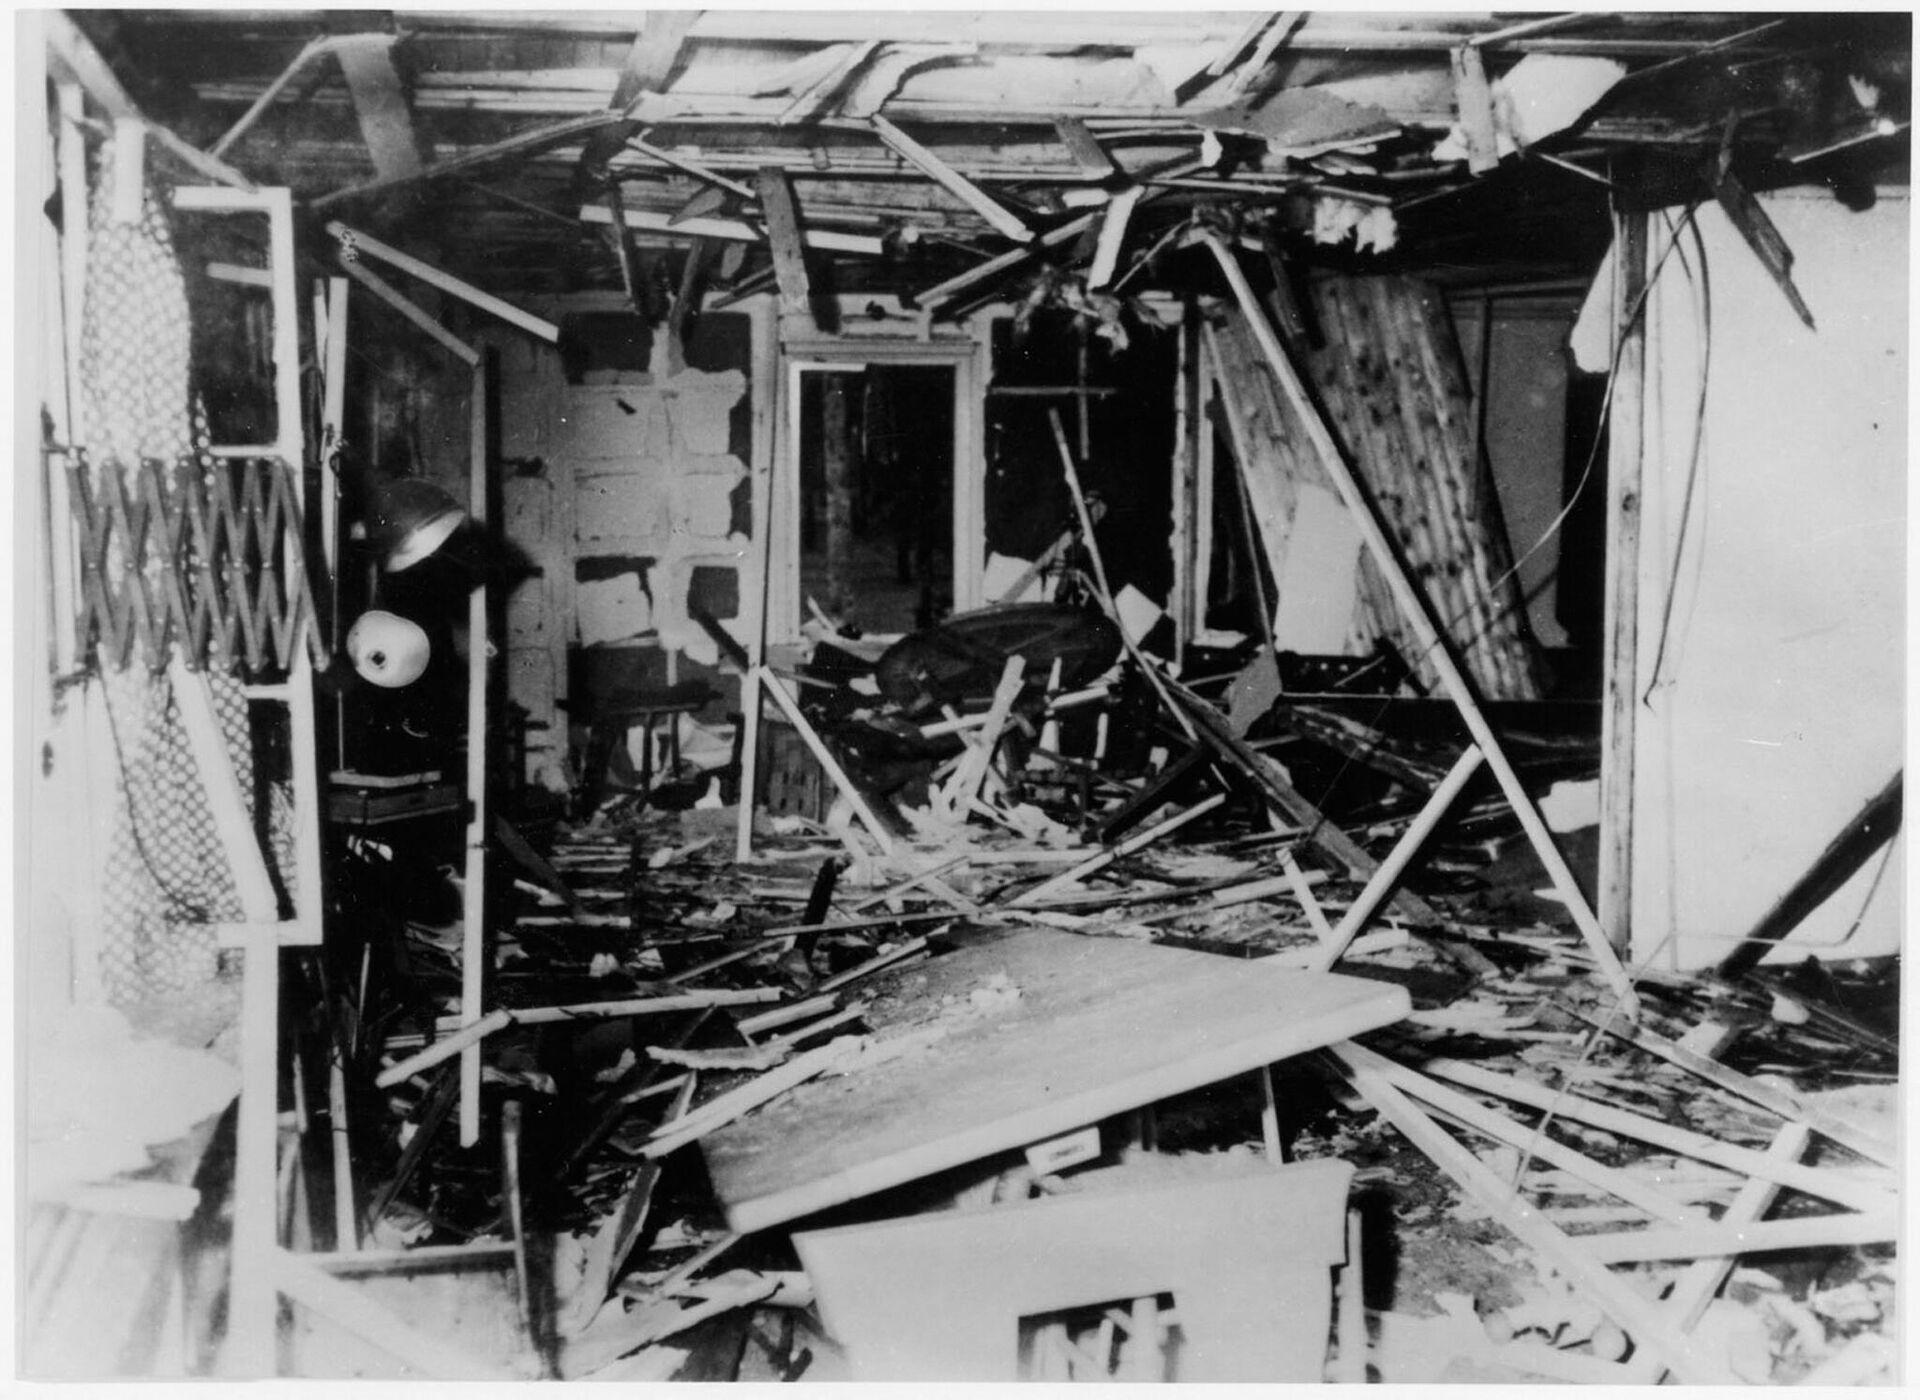 Последствия взрыва в ставке Адольфа Гитлера Волчье логово - РИА Новости, 1920, 20.07.2021